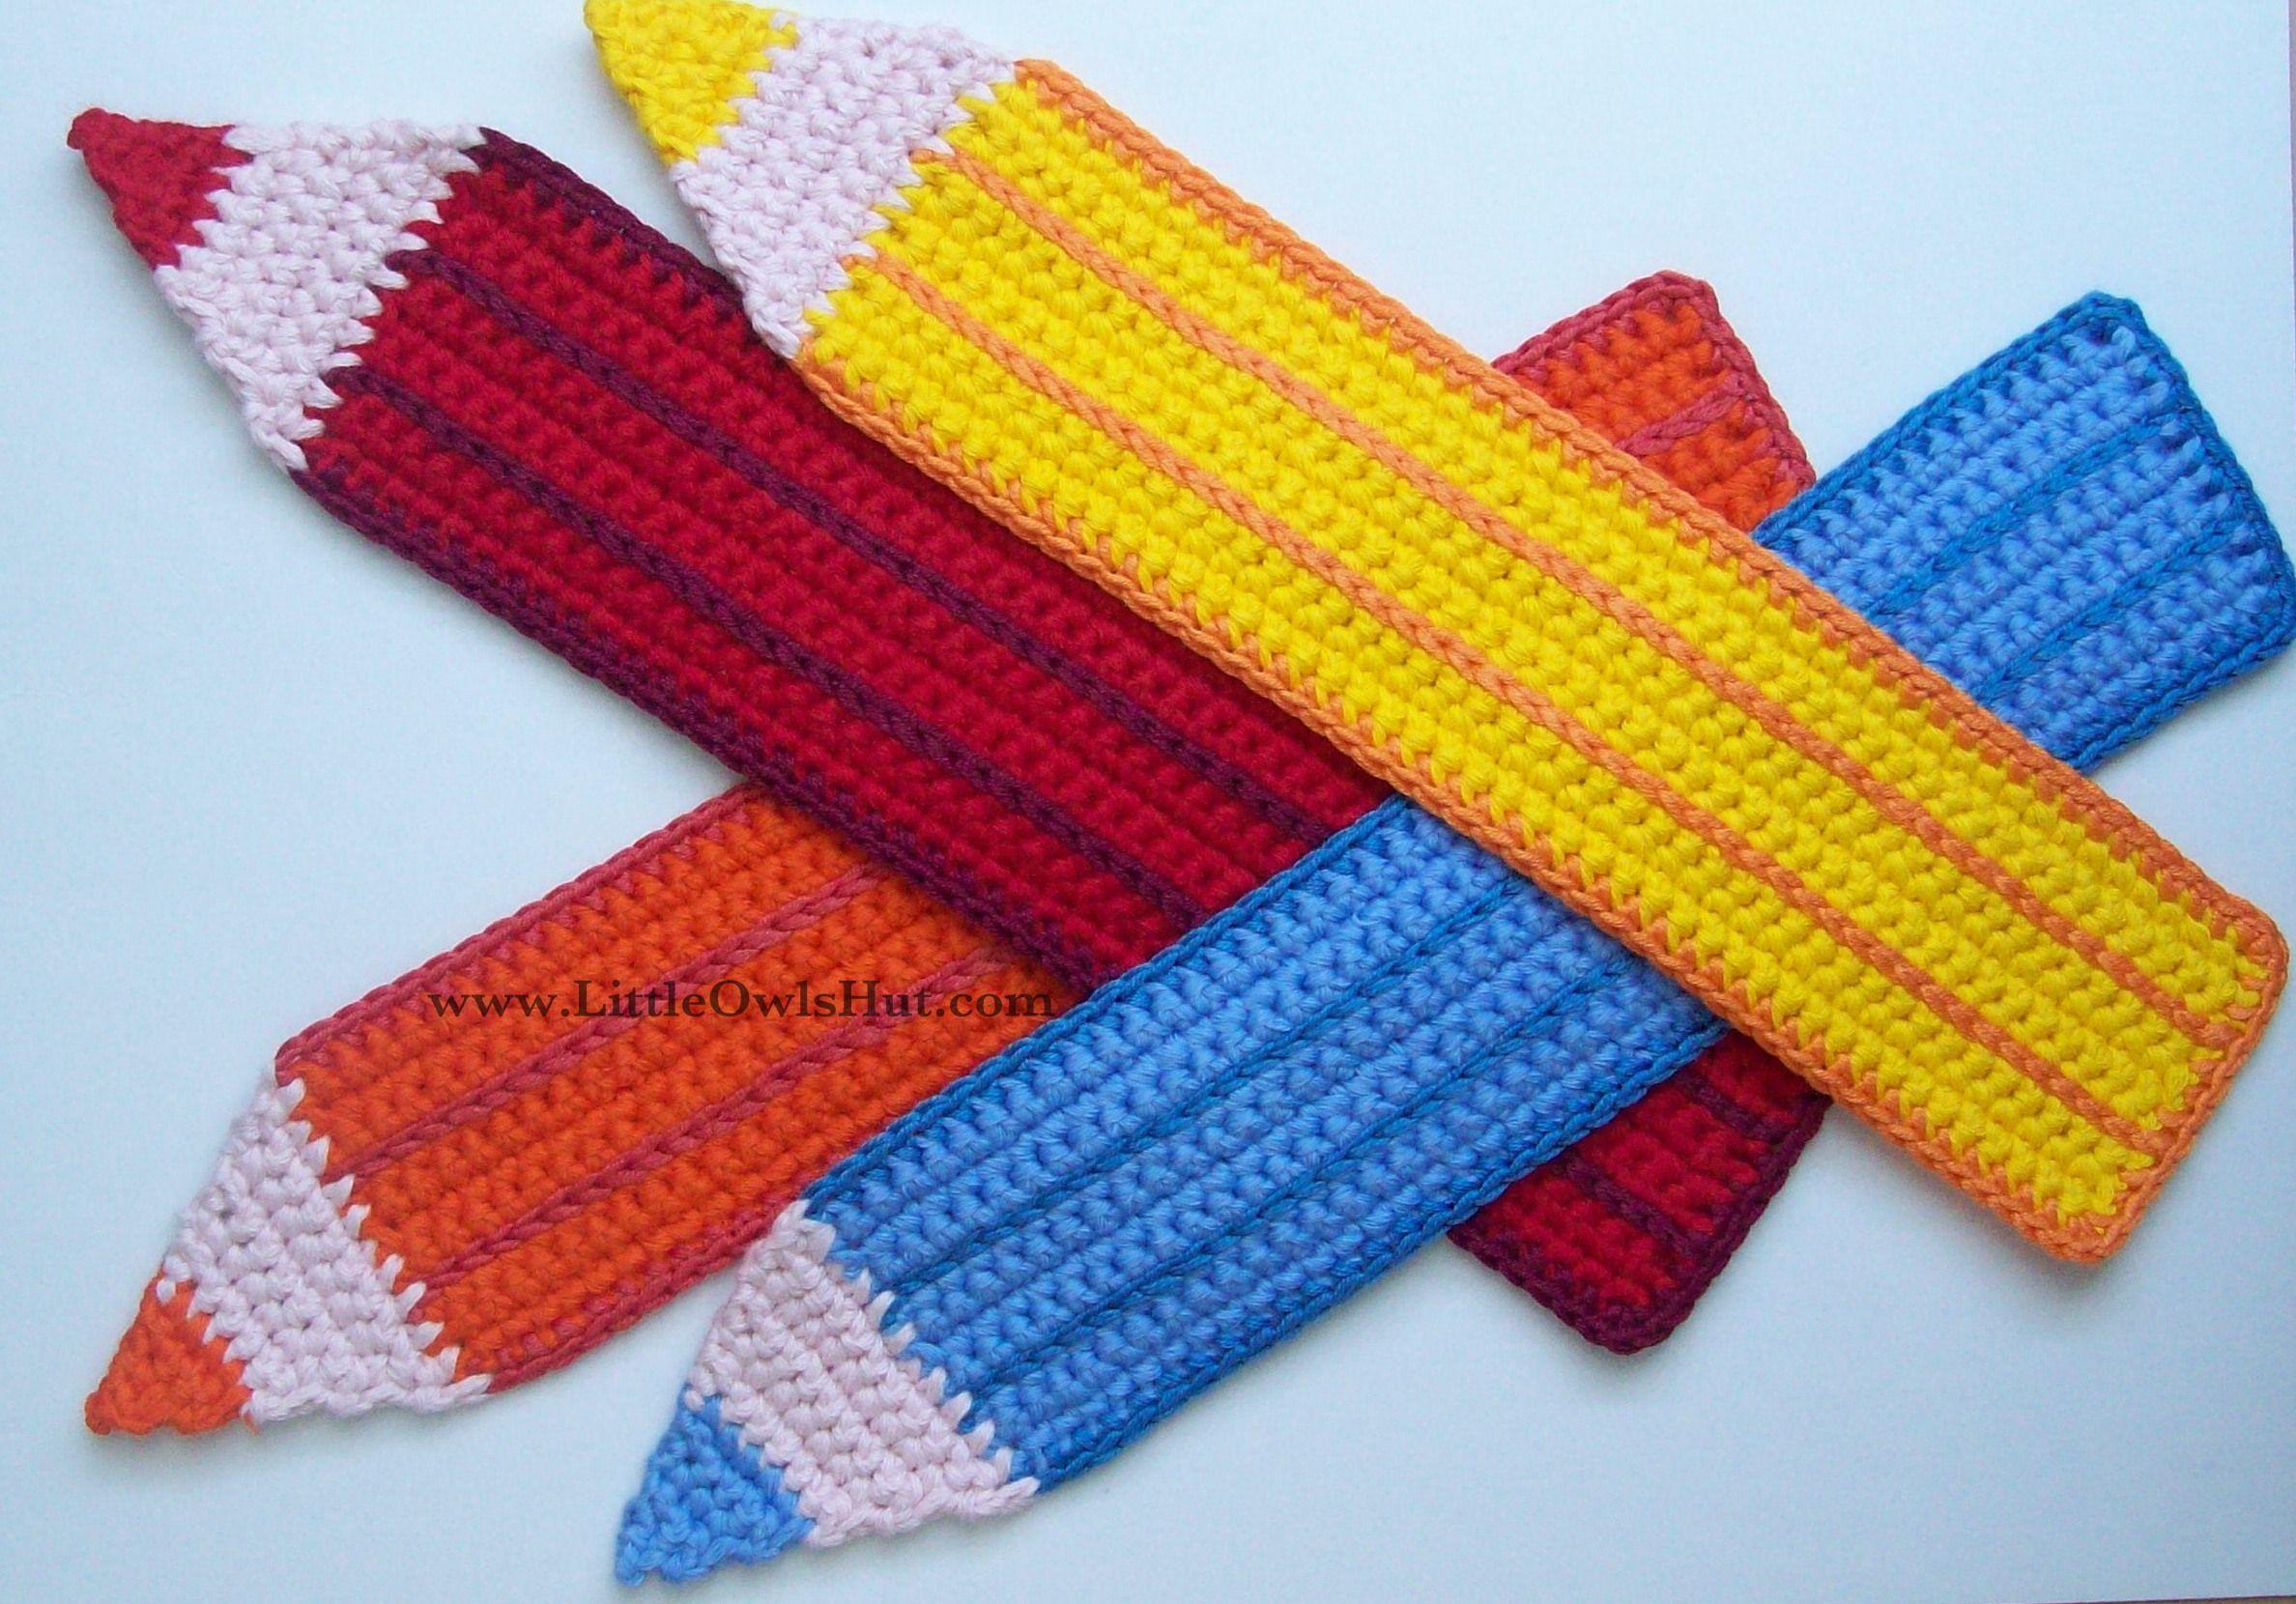 Leuk Om Kinderen Haken Te Leren Kiddo Crochet Crochet Patterns